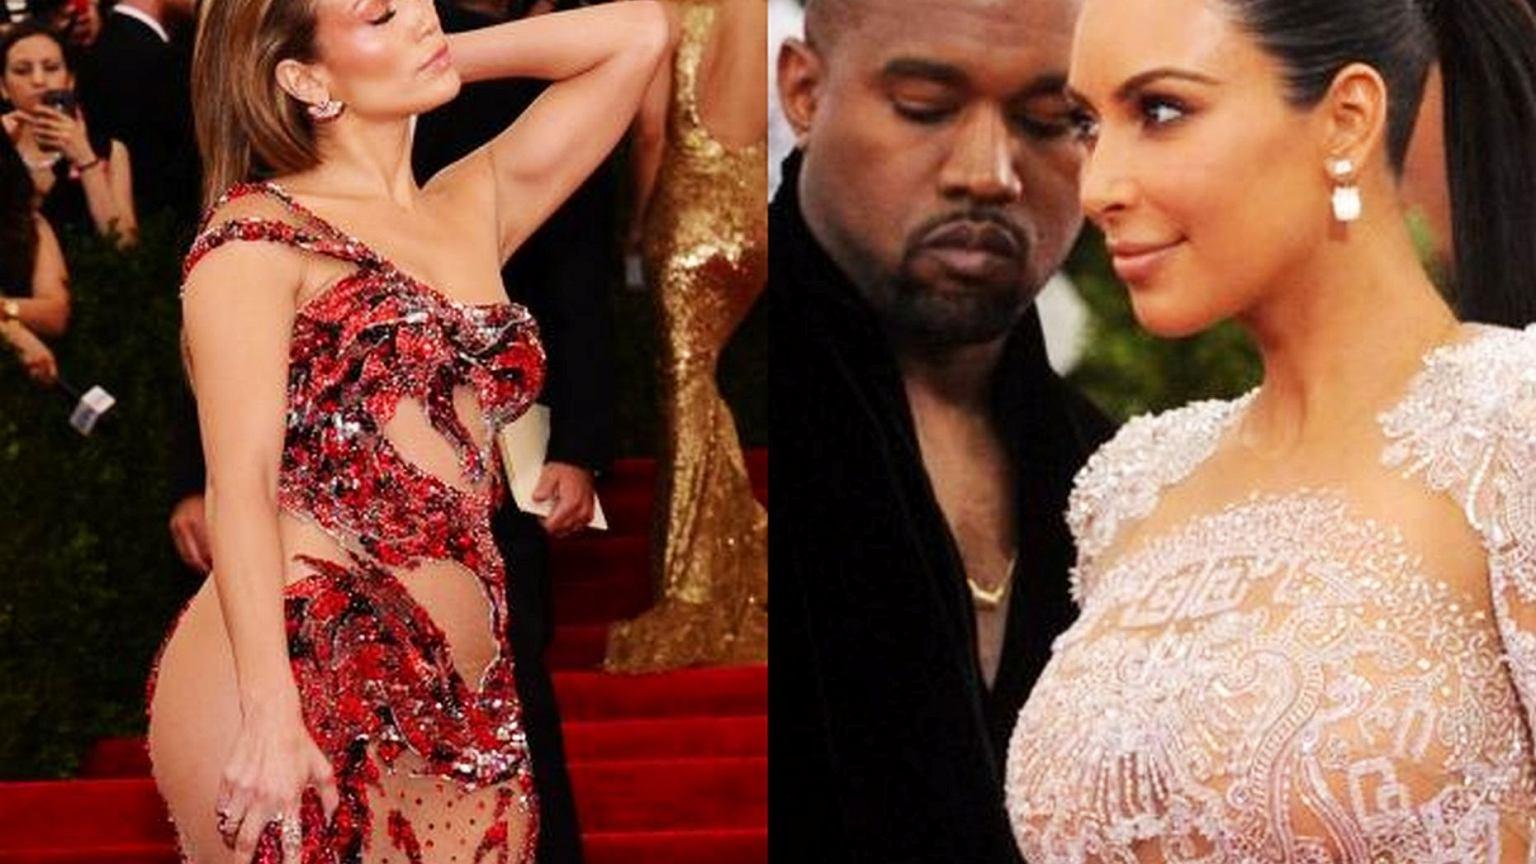 'Goła sukienka' na czerwonym dywanie już nie szokuje. Ale gdy założy ją zwykła kobieta i wyjdzie ...